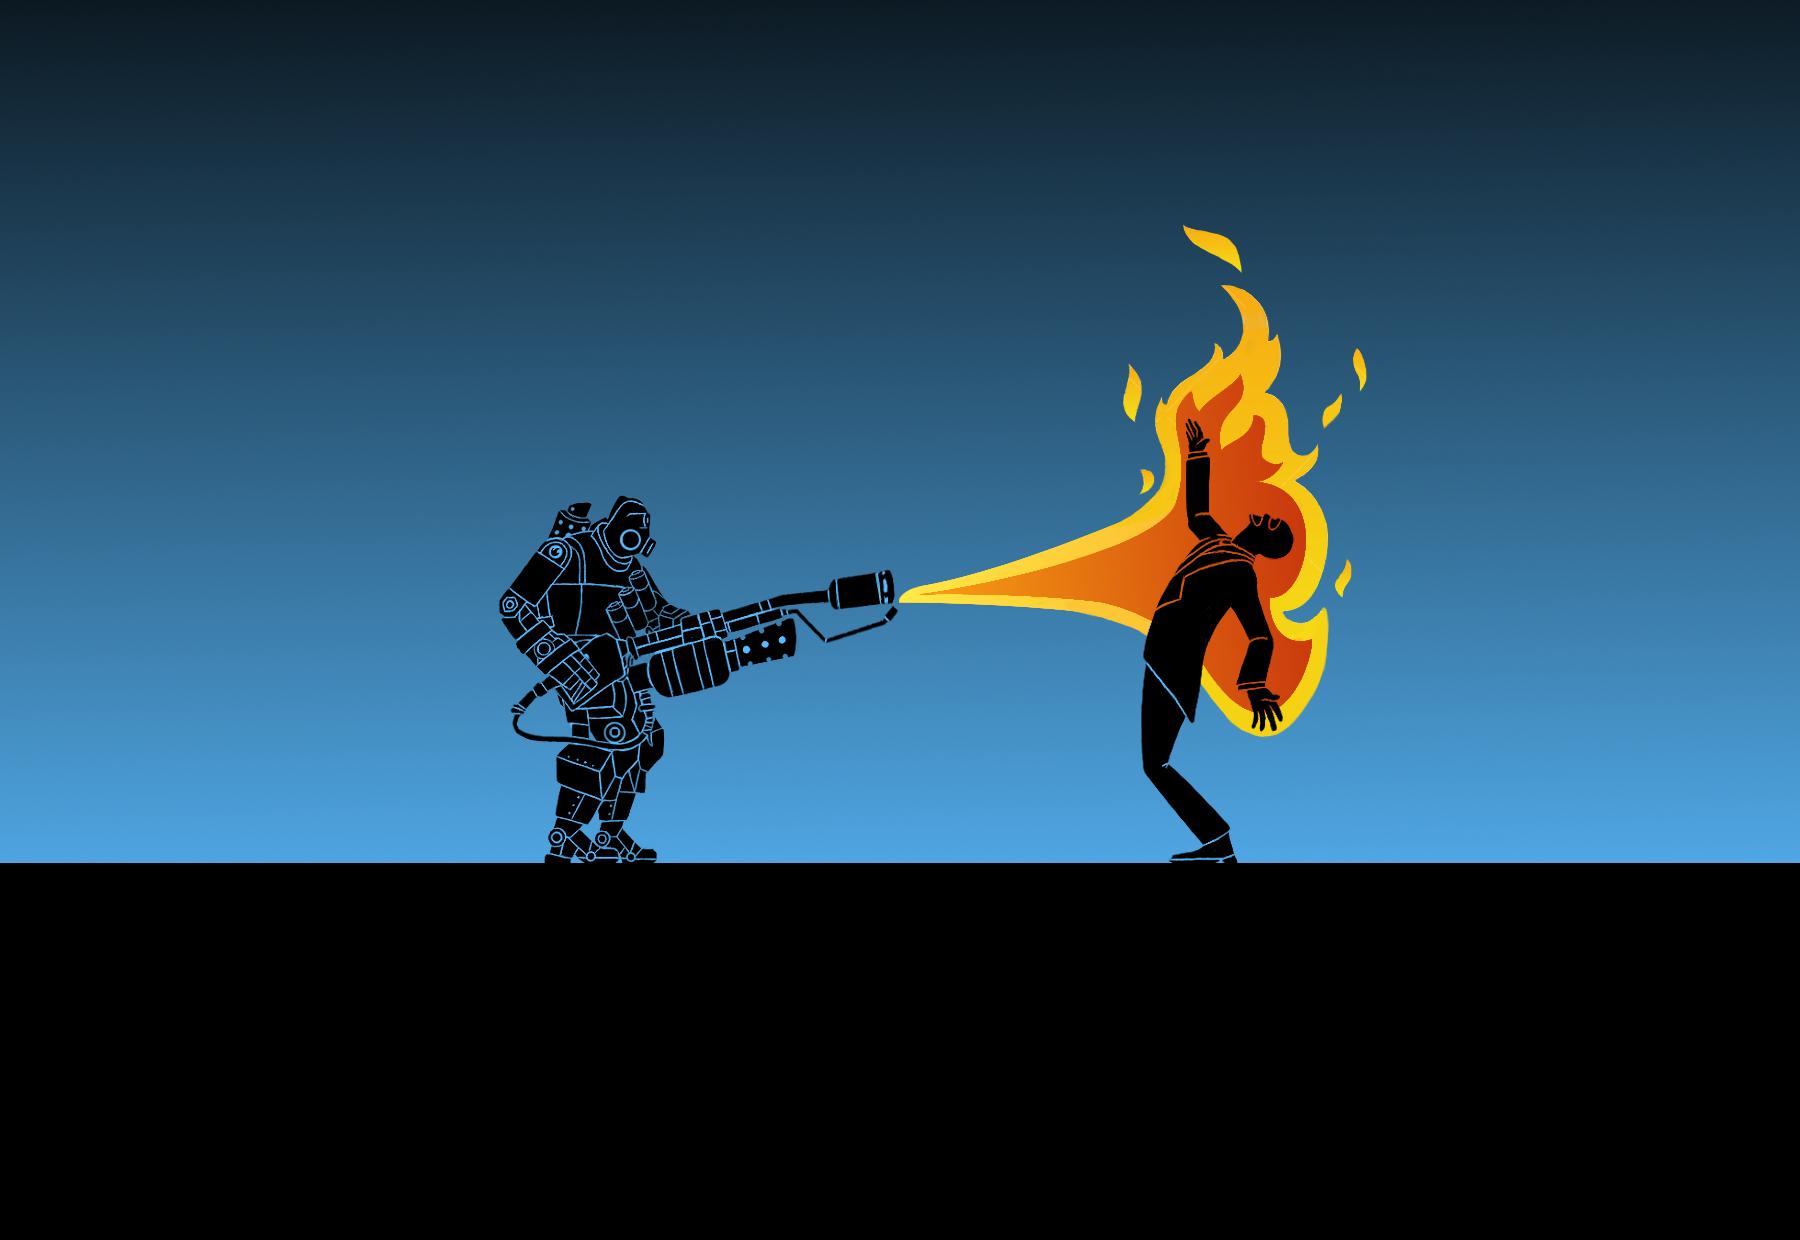 tf2__pyro_bot_x_spy___wallpaper___by_bielek-d6lr8qi.png